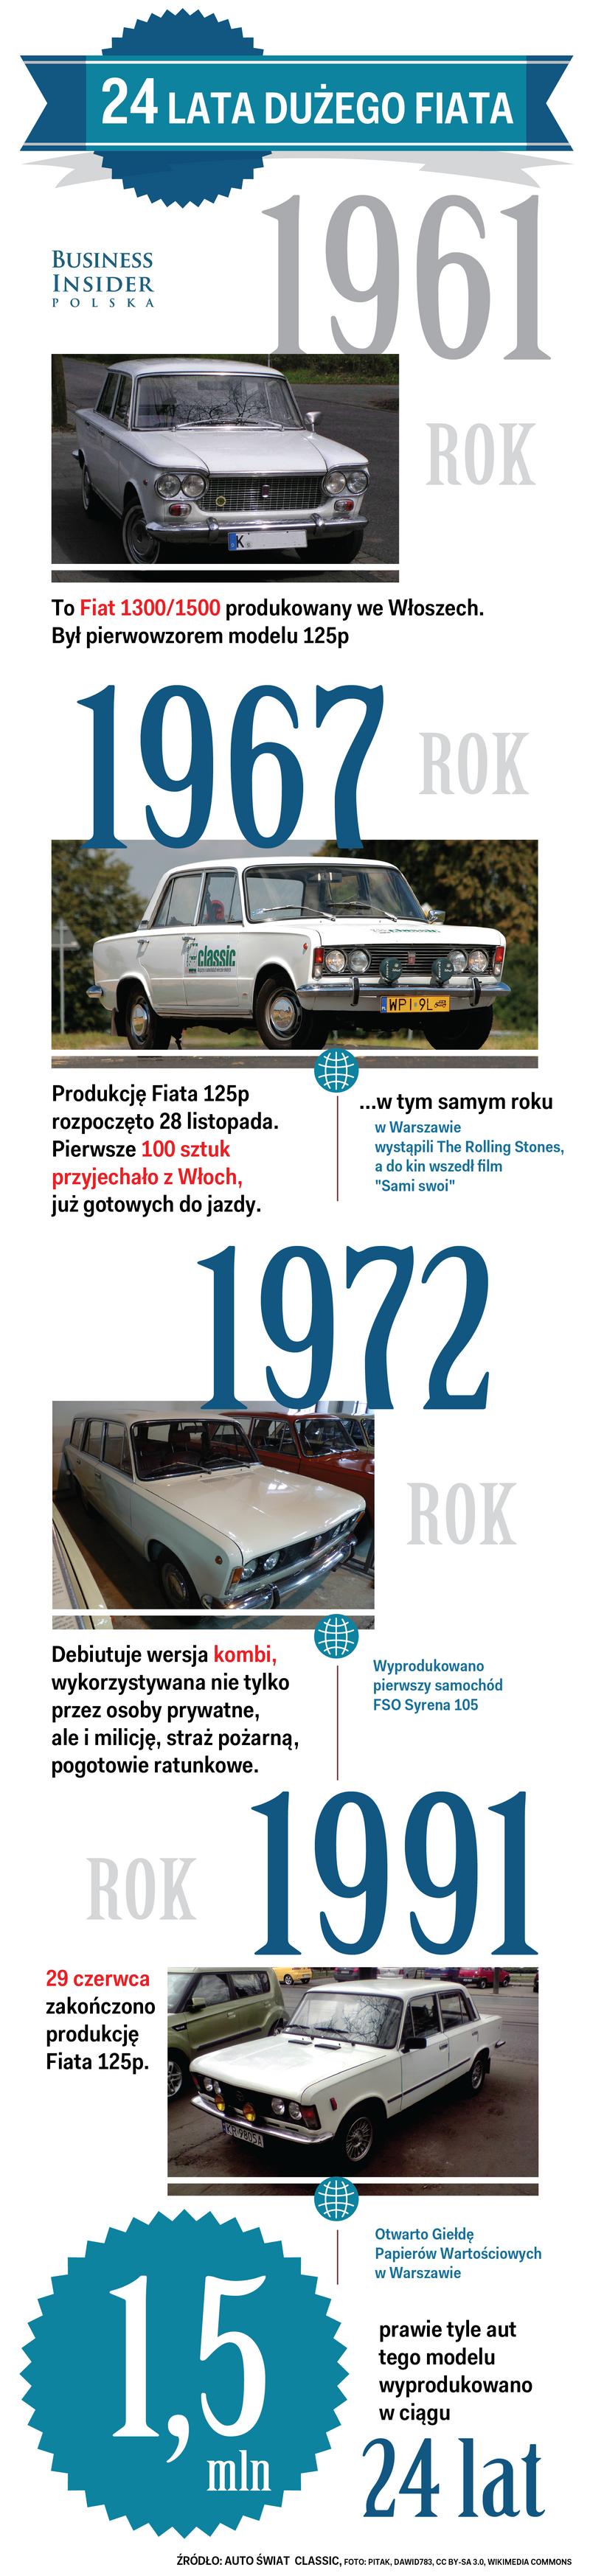 Historia Dużego Fiata 125p